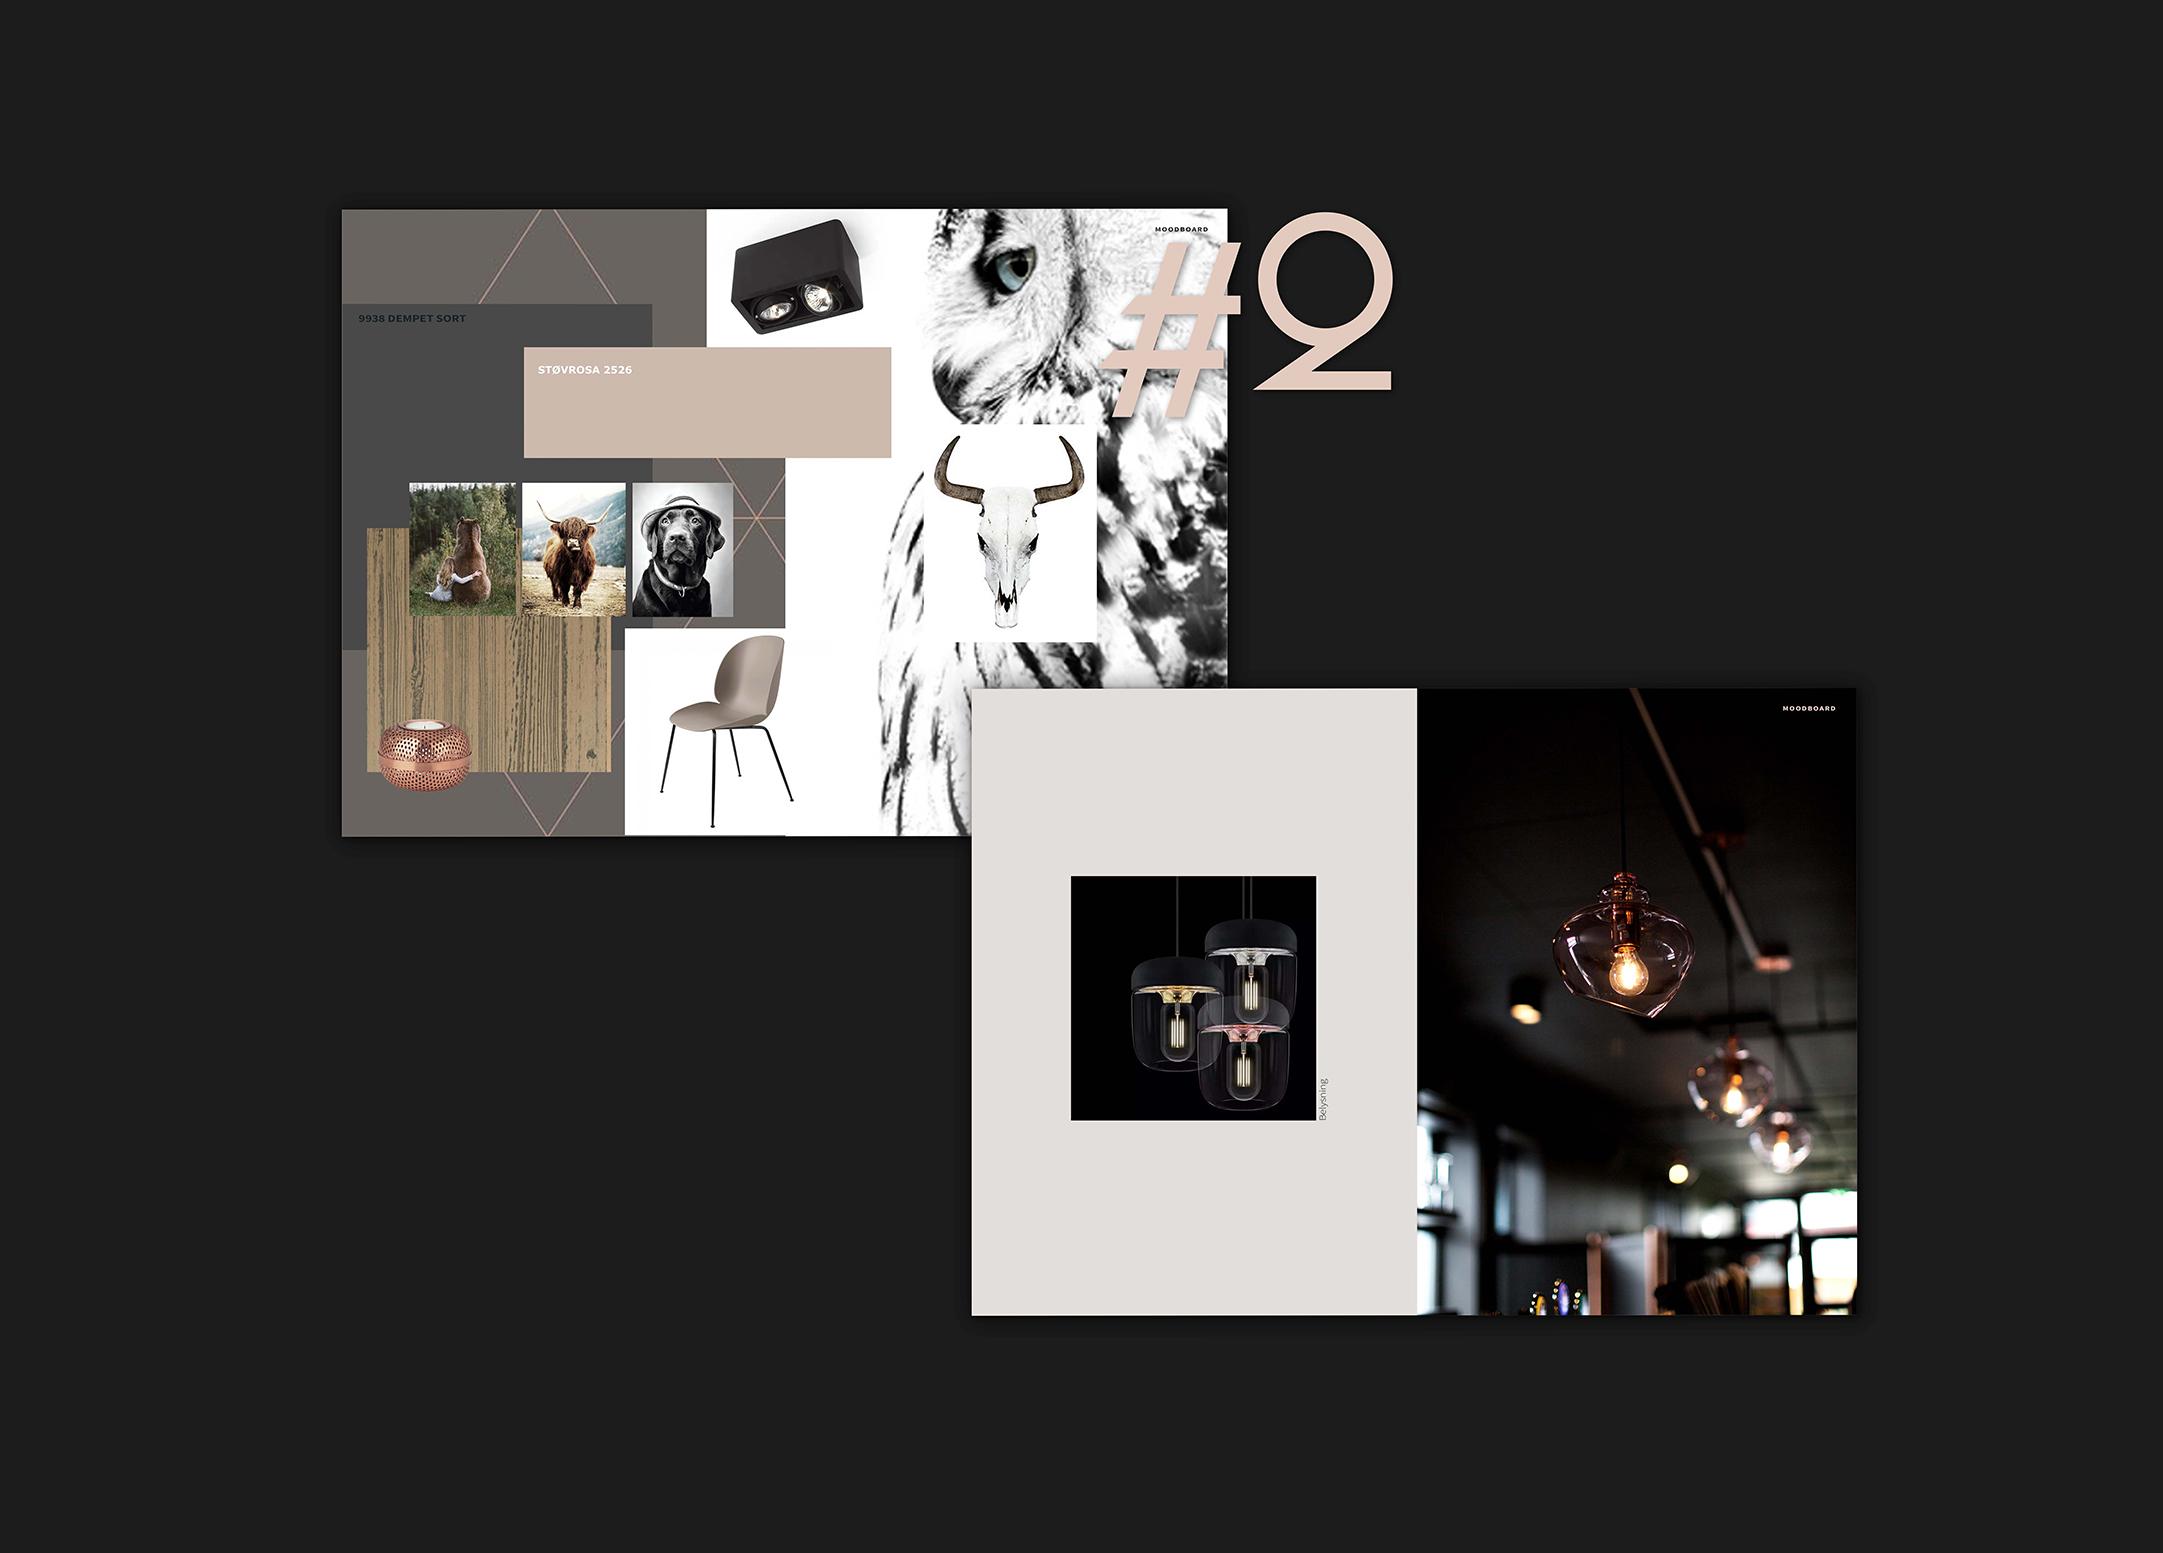 Presentasjon av interiørarkitektur utført av RåW studio